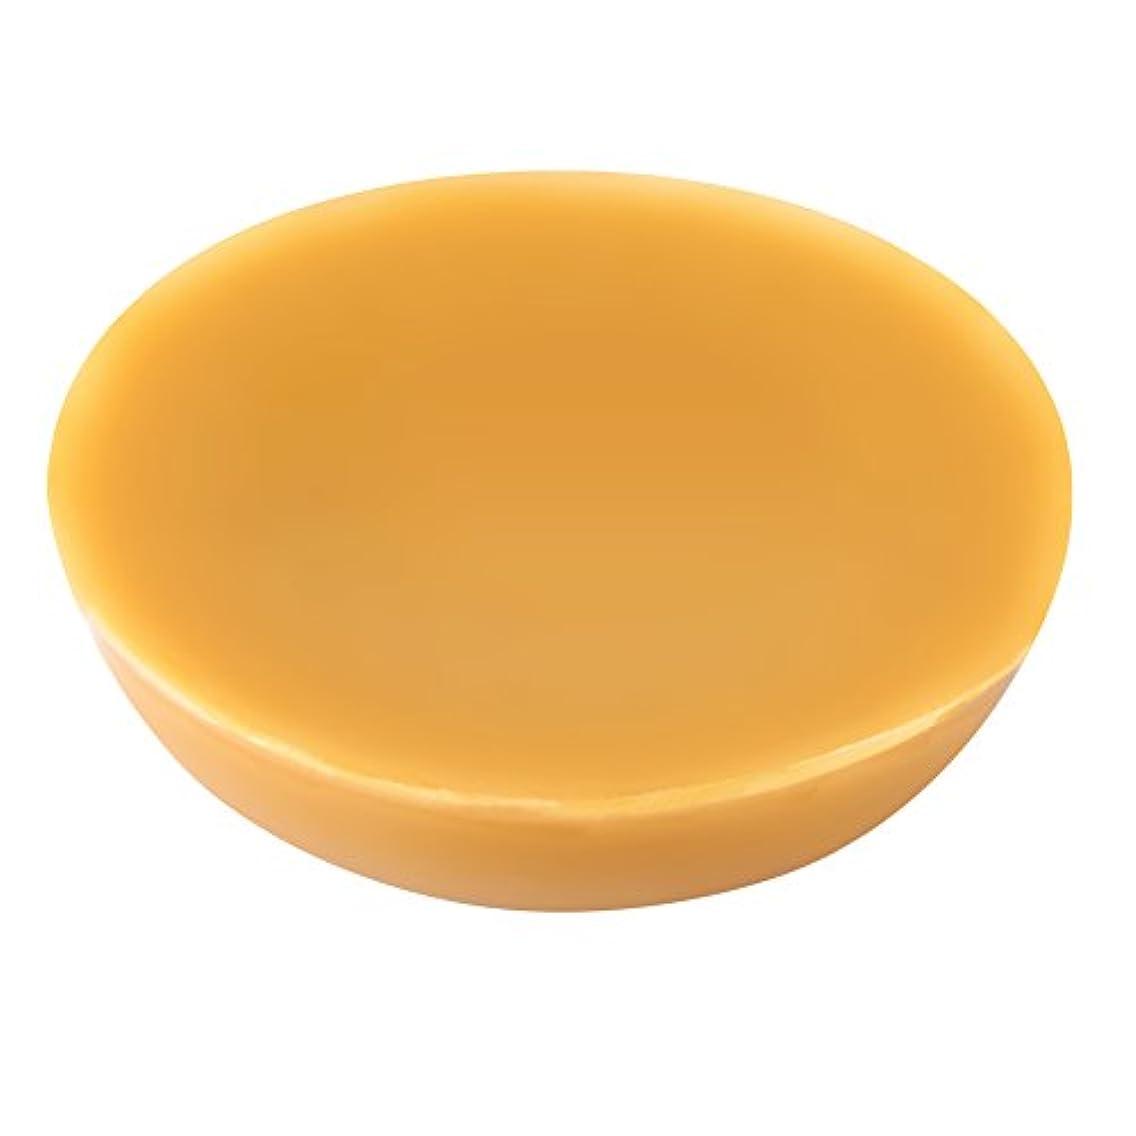 匿名贅沢な有名自然な蜜蝋、石鹸の化粧品の口紅のための食品等級の自然で純粋な蜂のワックス